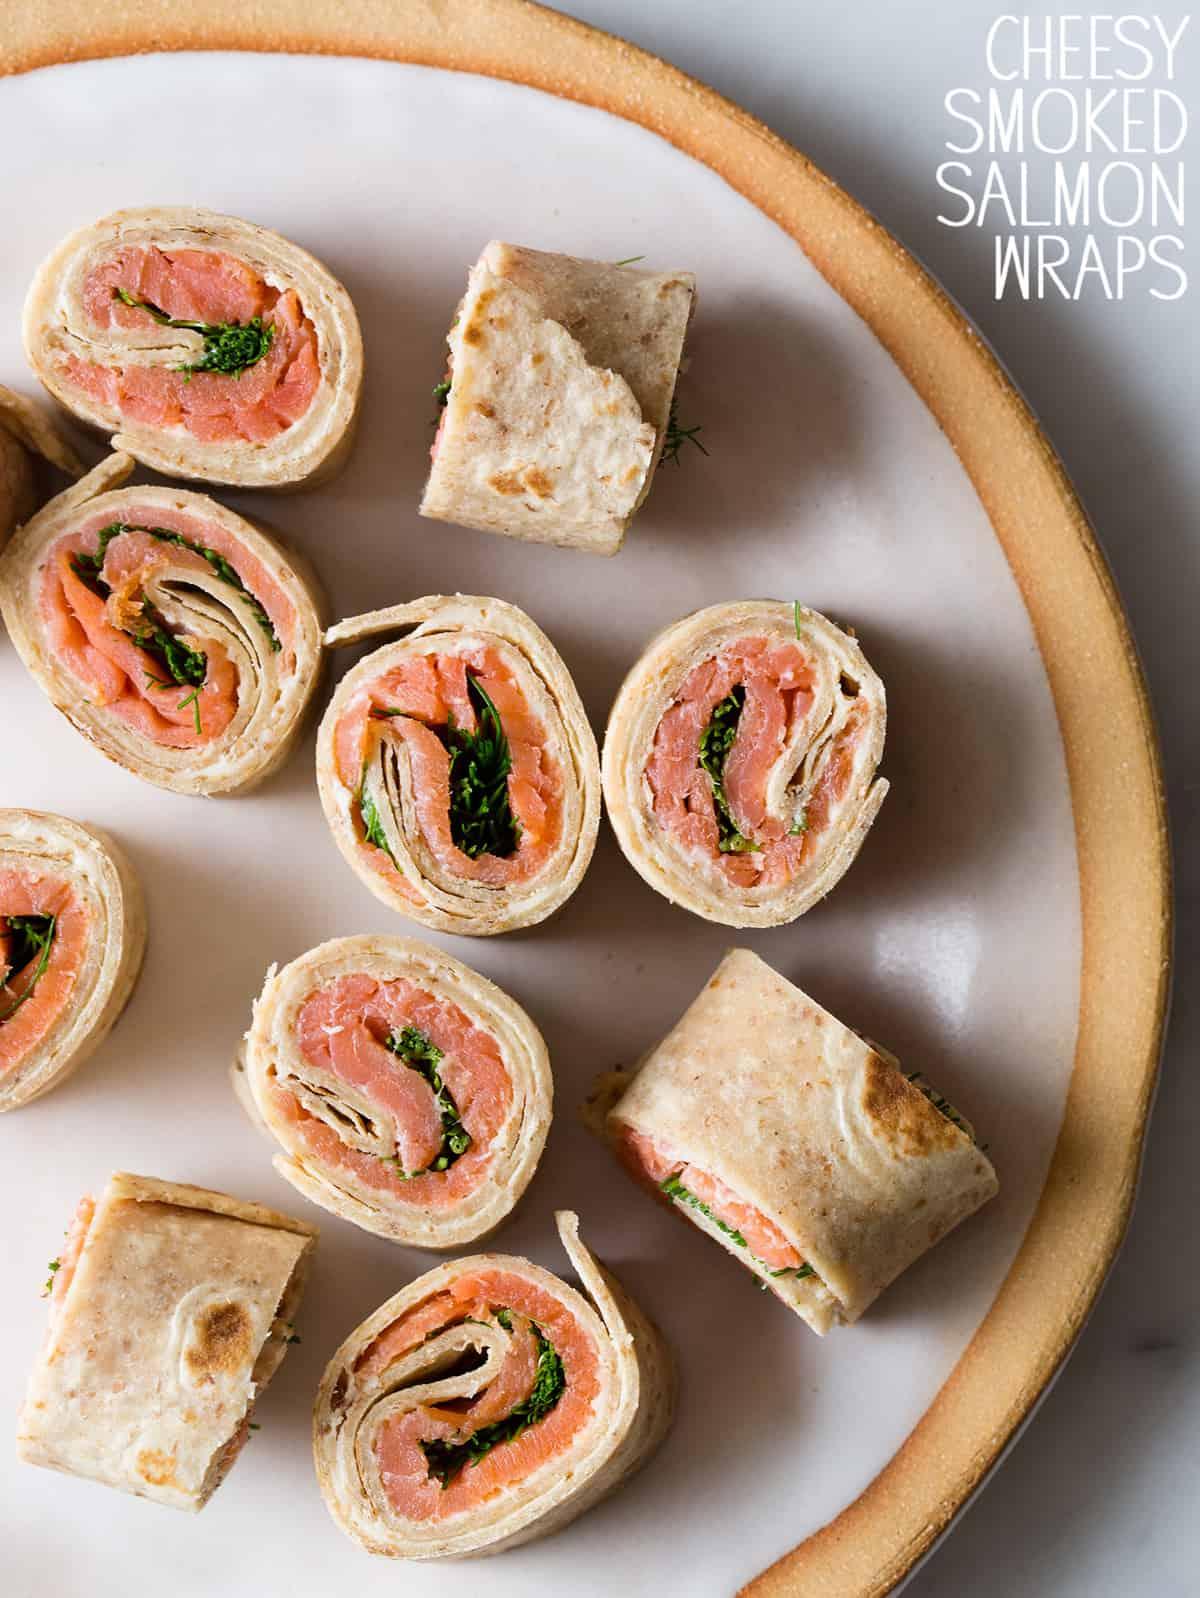 Cheesy Smoked Salmon Wraps | Spoon Fork Bacon